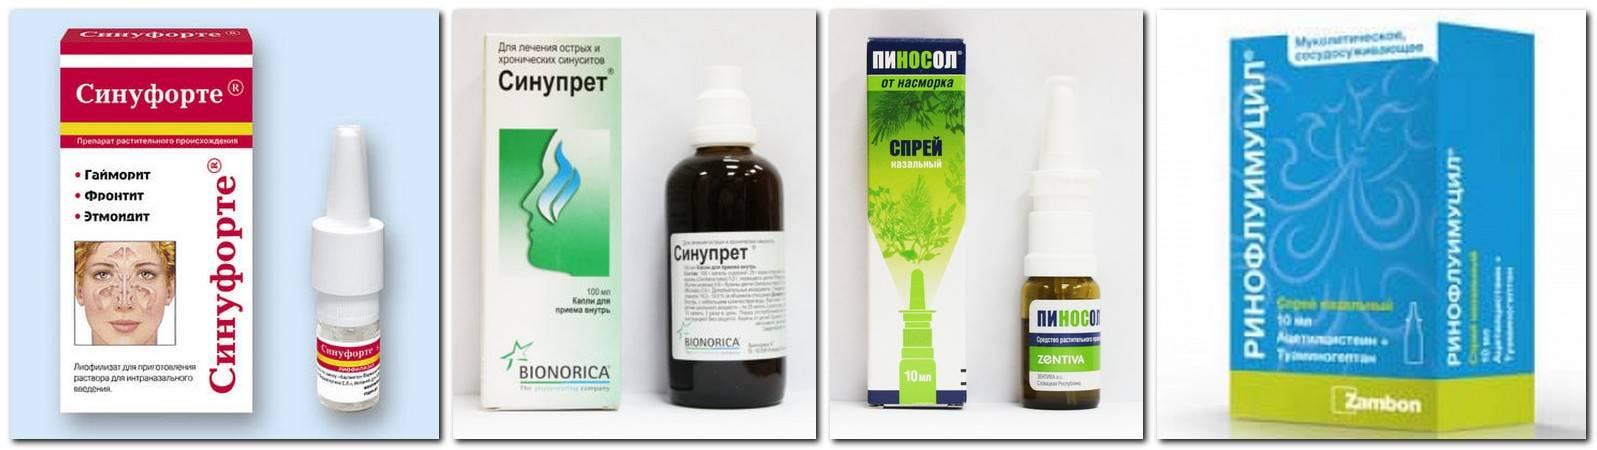 От зеленых соплей у детей: 26 лекарств для взрослых с антибиотиком, детские капли альбуцид и ринофлуимуцил, что капать в нос ребенку до 2 лет